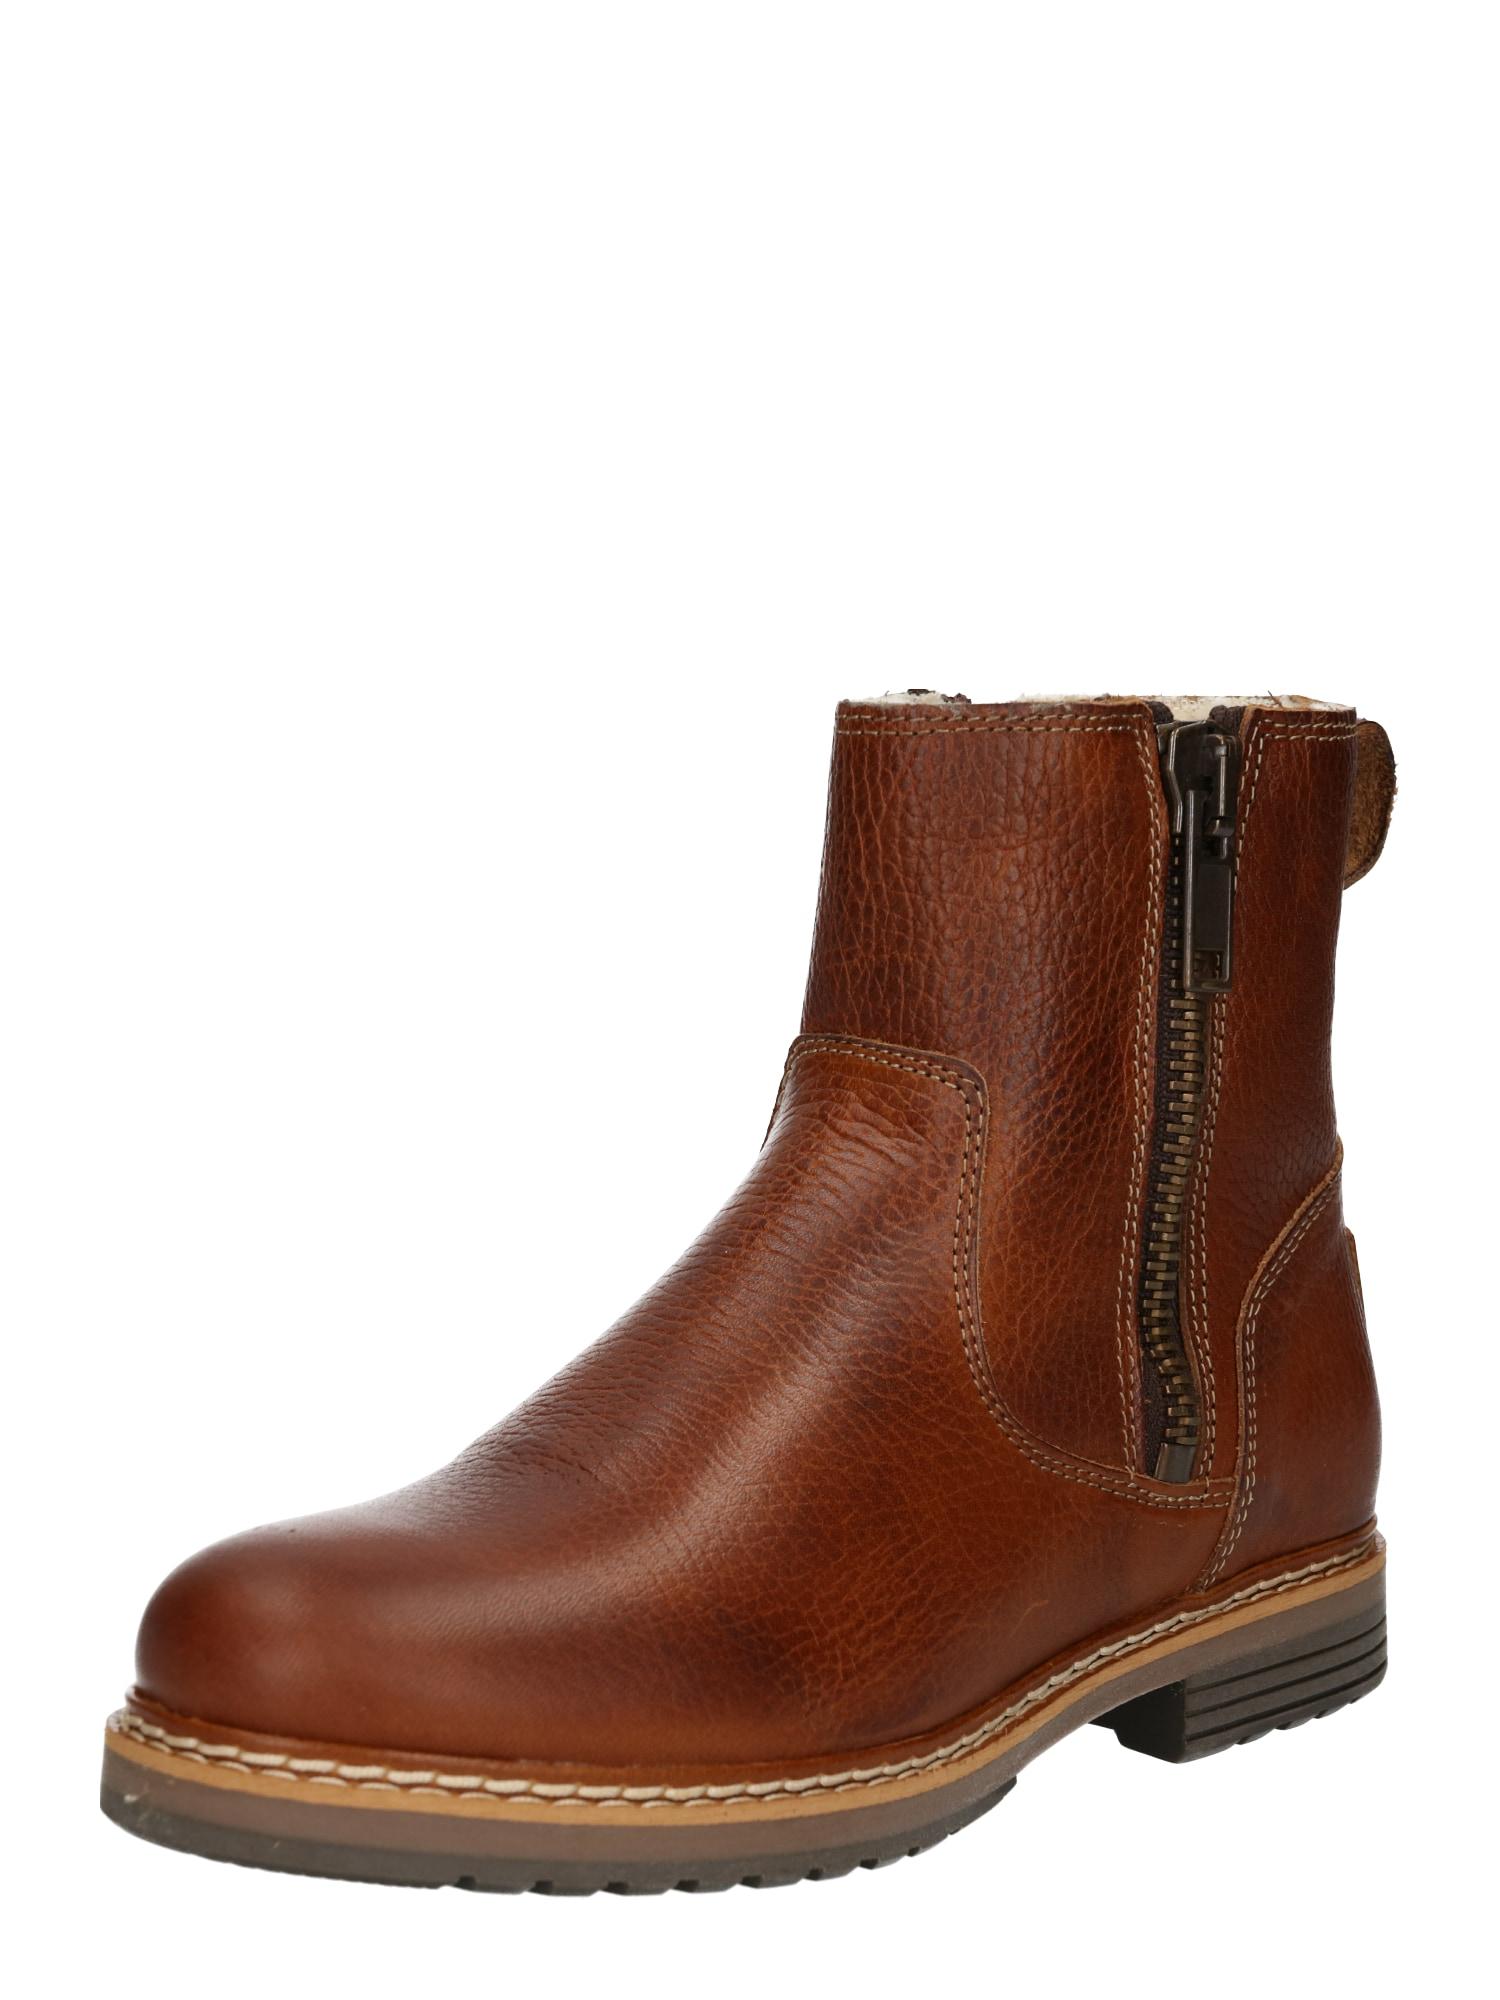 BULLBOXER Auliniai batai ruda (konjako)